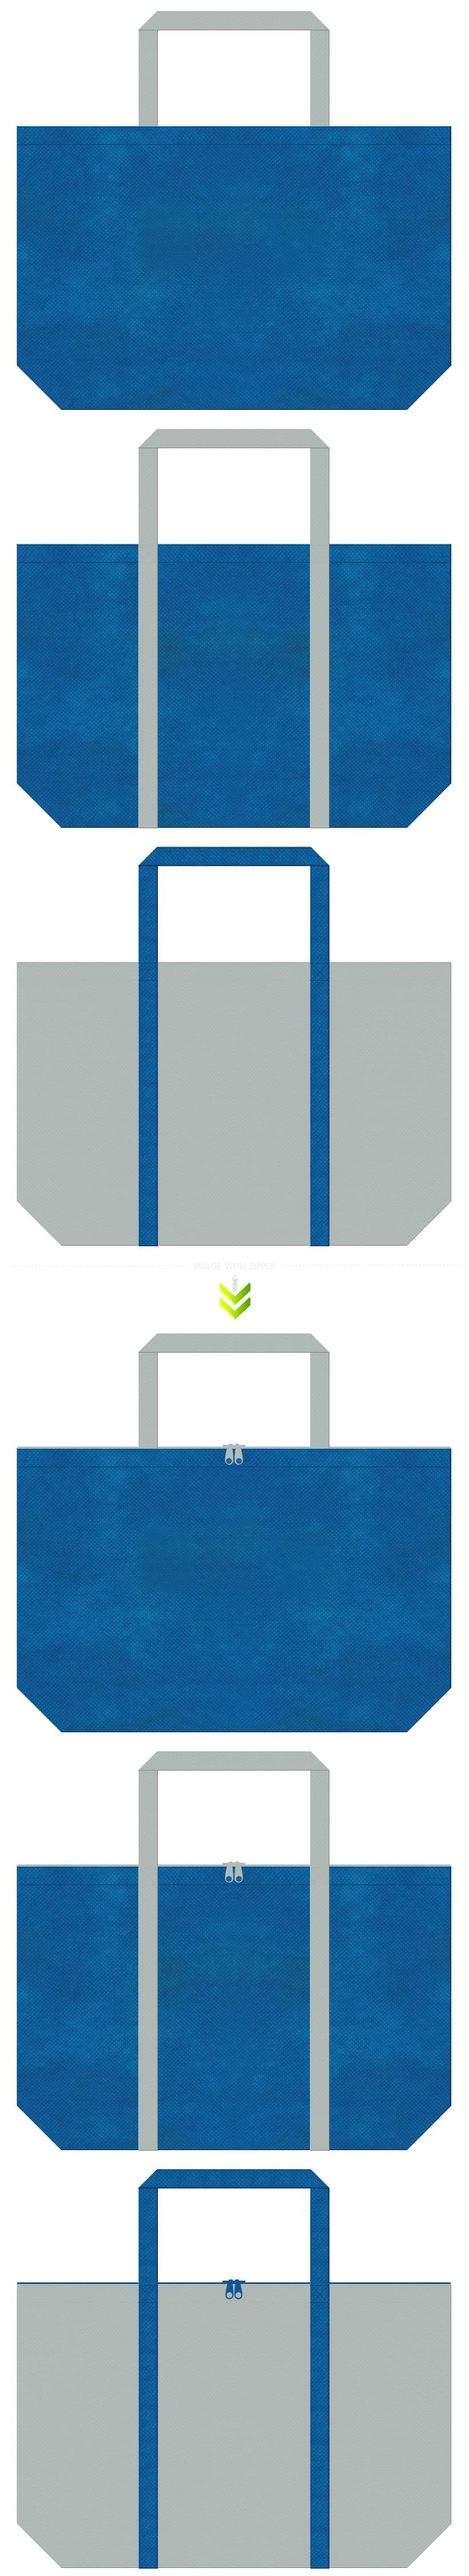 T・AI・LED・IOT・センサー・電子部品・防犯カメラ・セキュリティの展示会用バッグ・ロボット・ラジコン・ホビーのショッピングバッグにお奨めの不織布バッグデザイン:青色とグレー色のコーデ